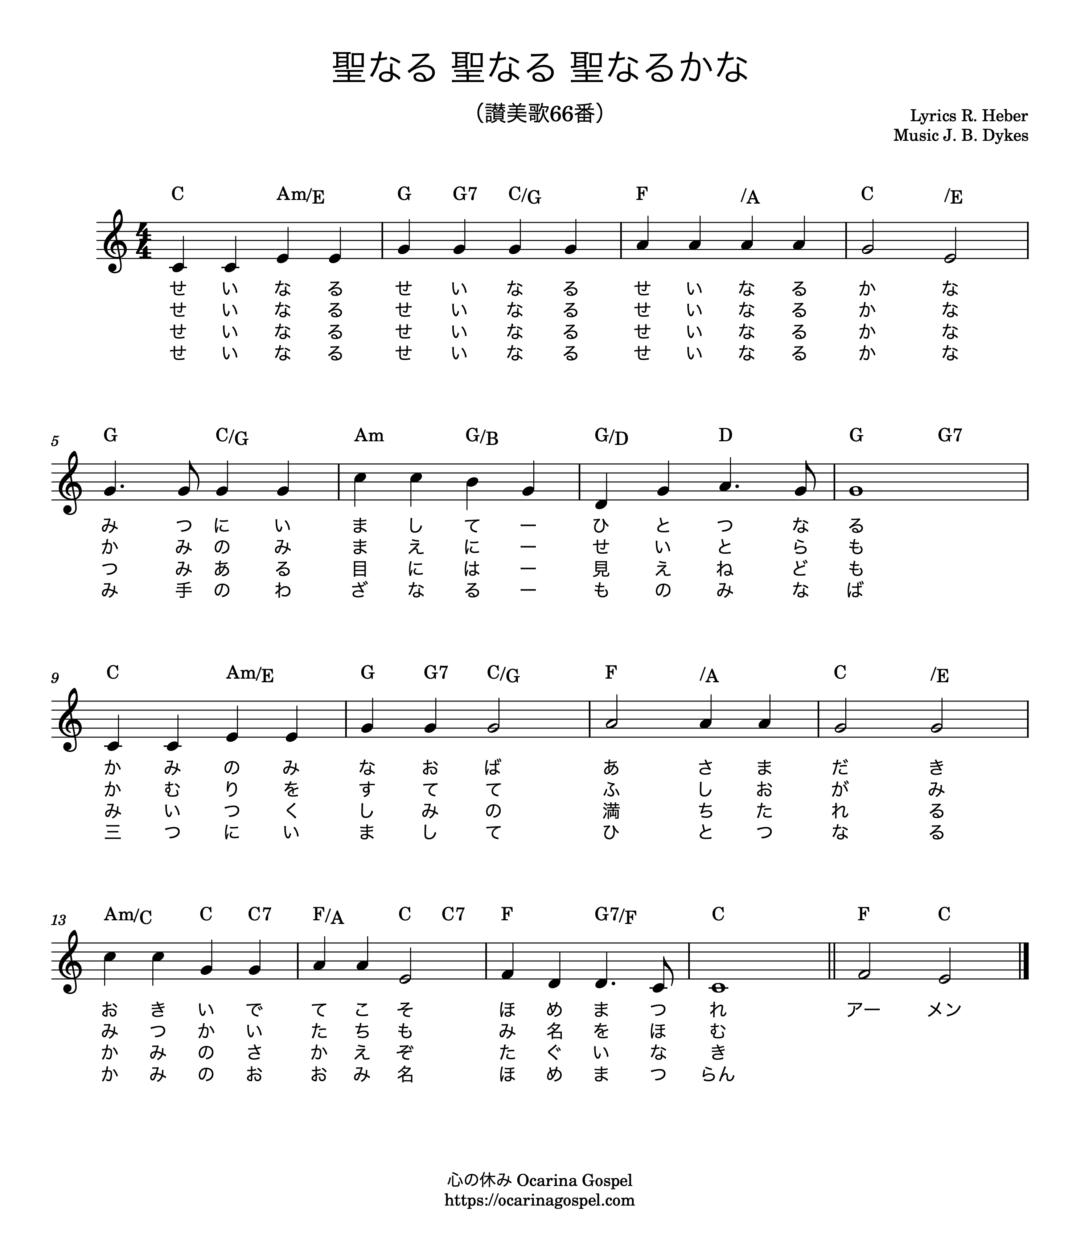 聖なる聖なる聖なるかな 讃美 楽譜